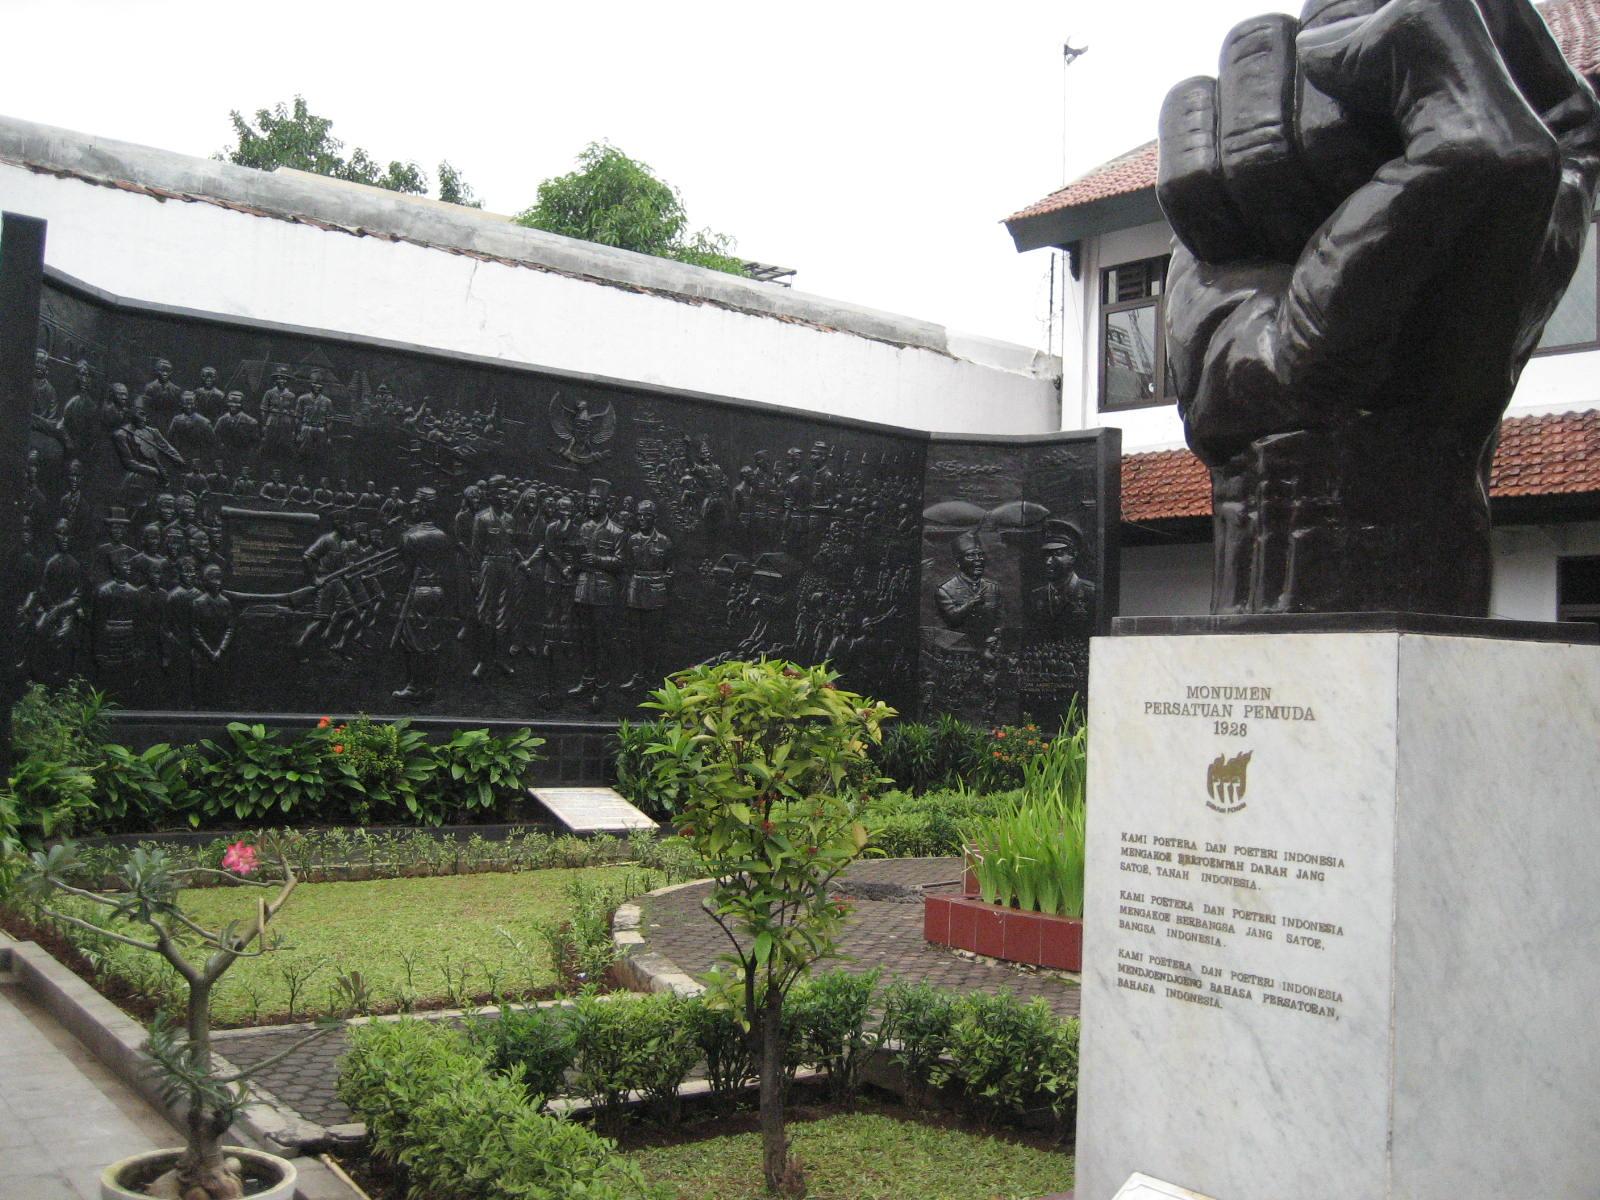 Gambar Monumen Sumpah Pemuda Berkas Monumen Persatuan Pemuda 1928 Jpg Wikipedia Bahasa Indonesia Ensiklopedia Bebas